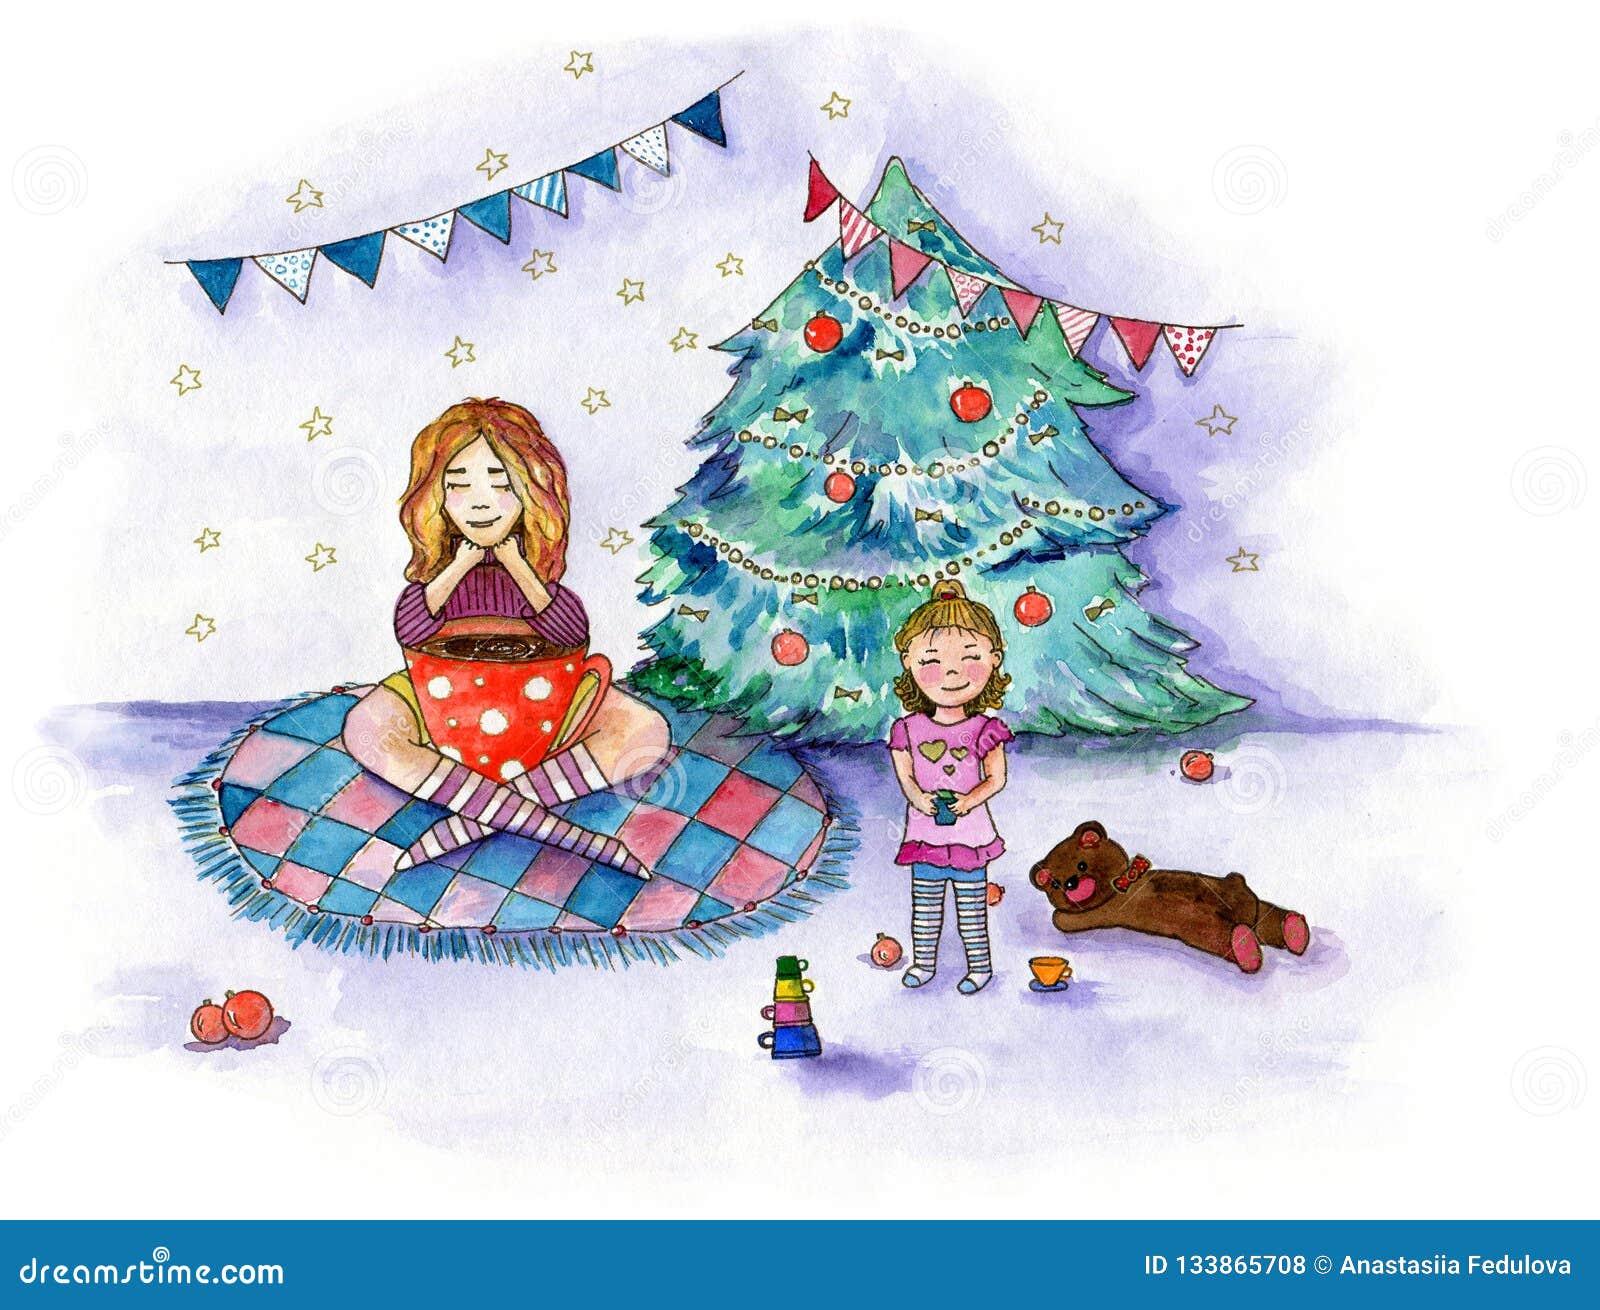 Ilustração da aquarela sobre o tea party da família em dezembro perto da árvore de Natal